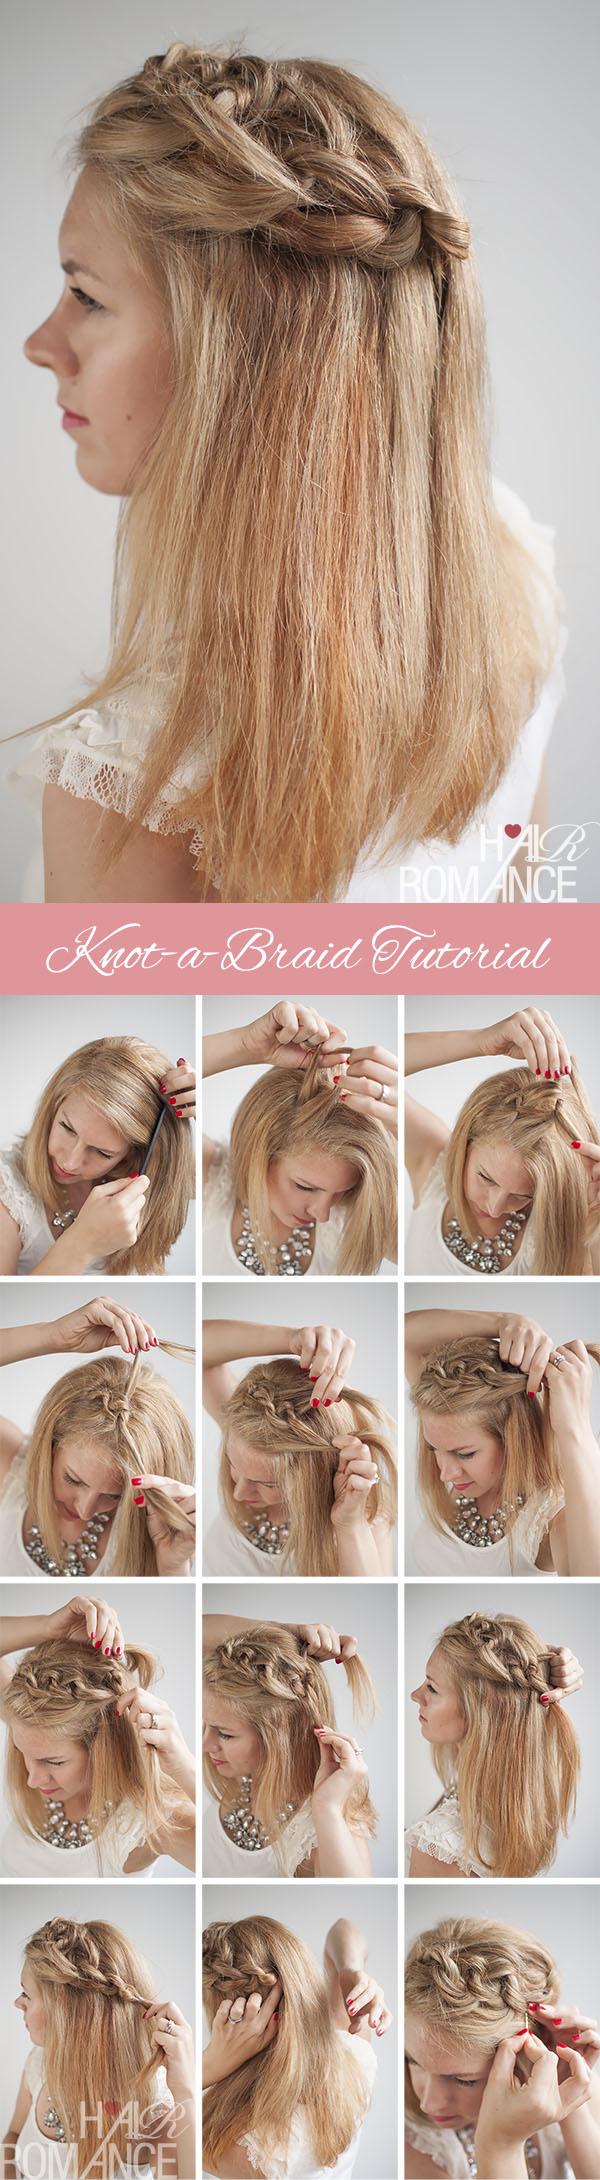 Hair-Romance-Knot-a-braid-hairstyle-tutorial